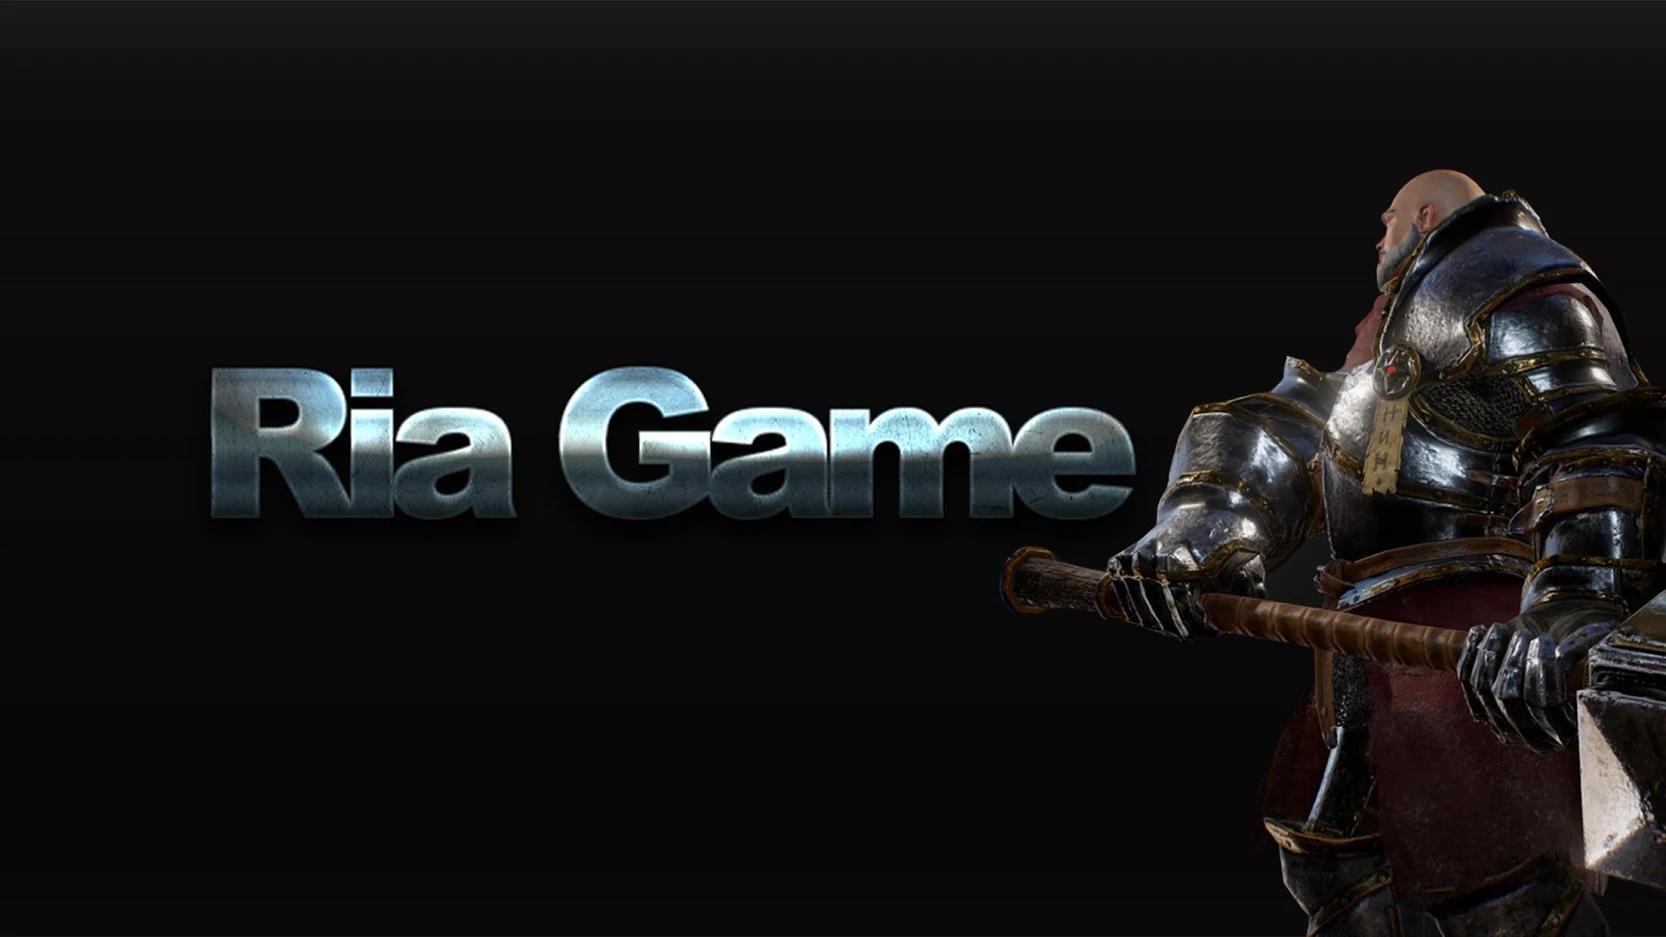 Ria (RPG com mundo aberto) abre pré-registro na Google Play e Apple Store (Download)